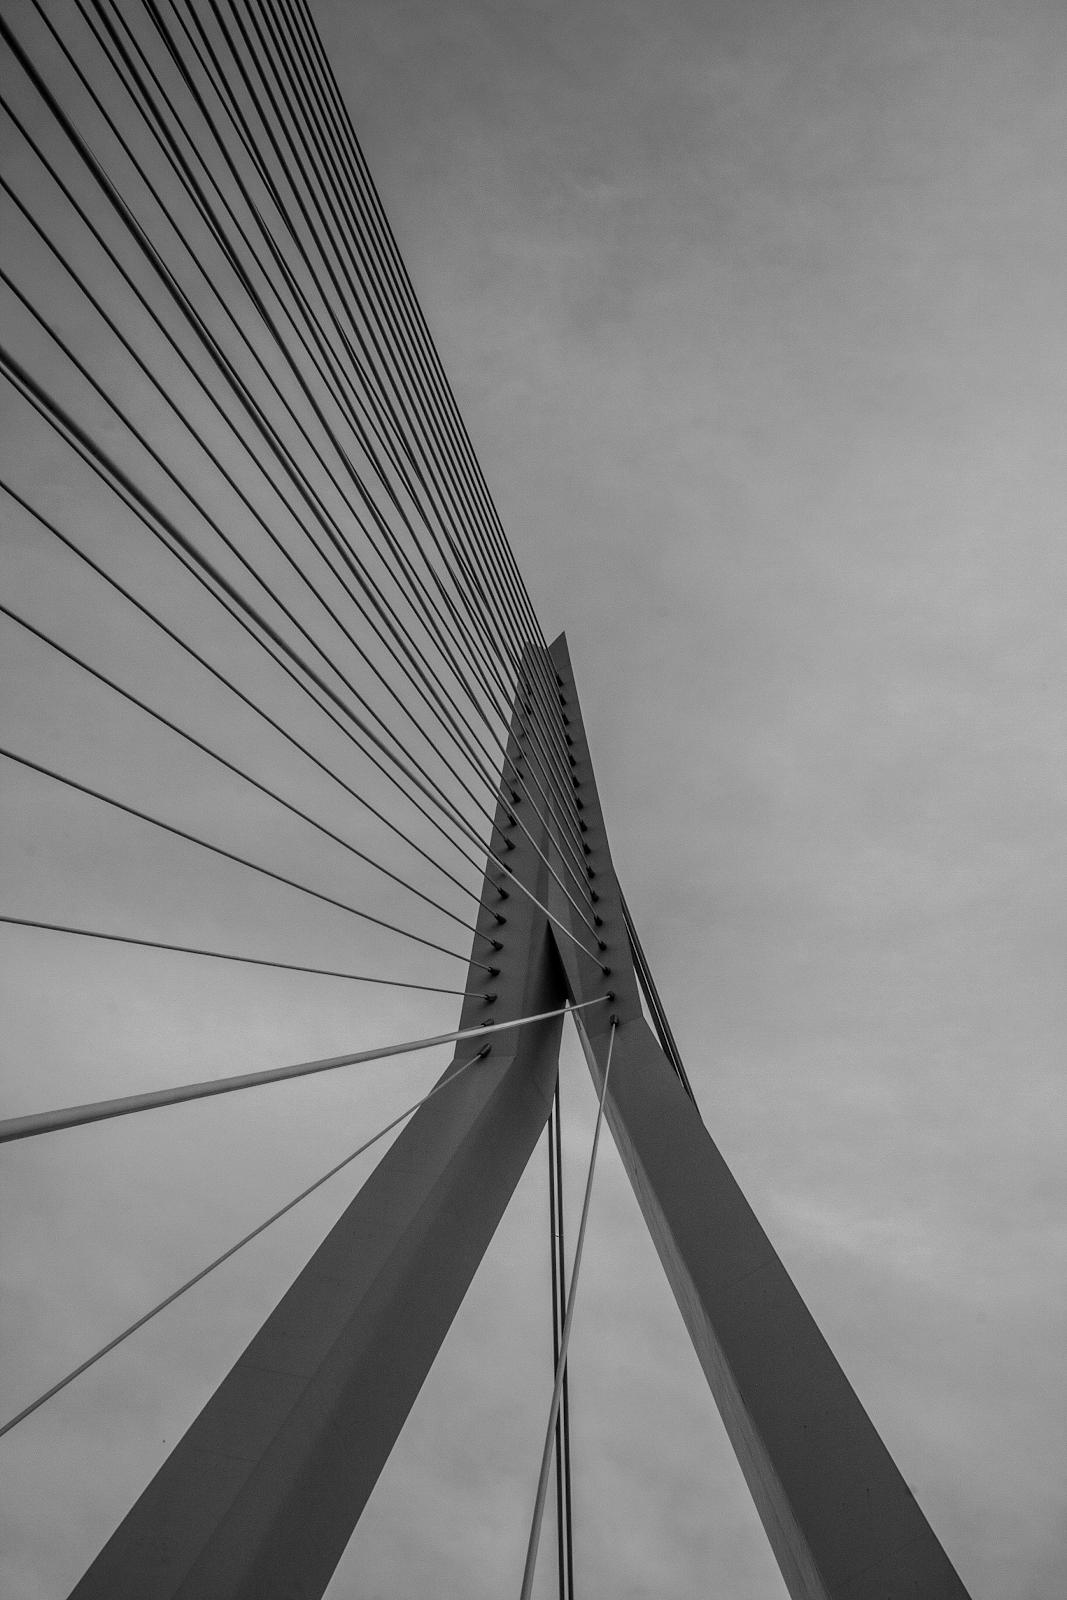 Хотя на картине изображена лишь часть моста на фоне неба, узнавание и распознавание объекта гарантировано